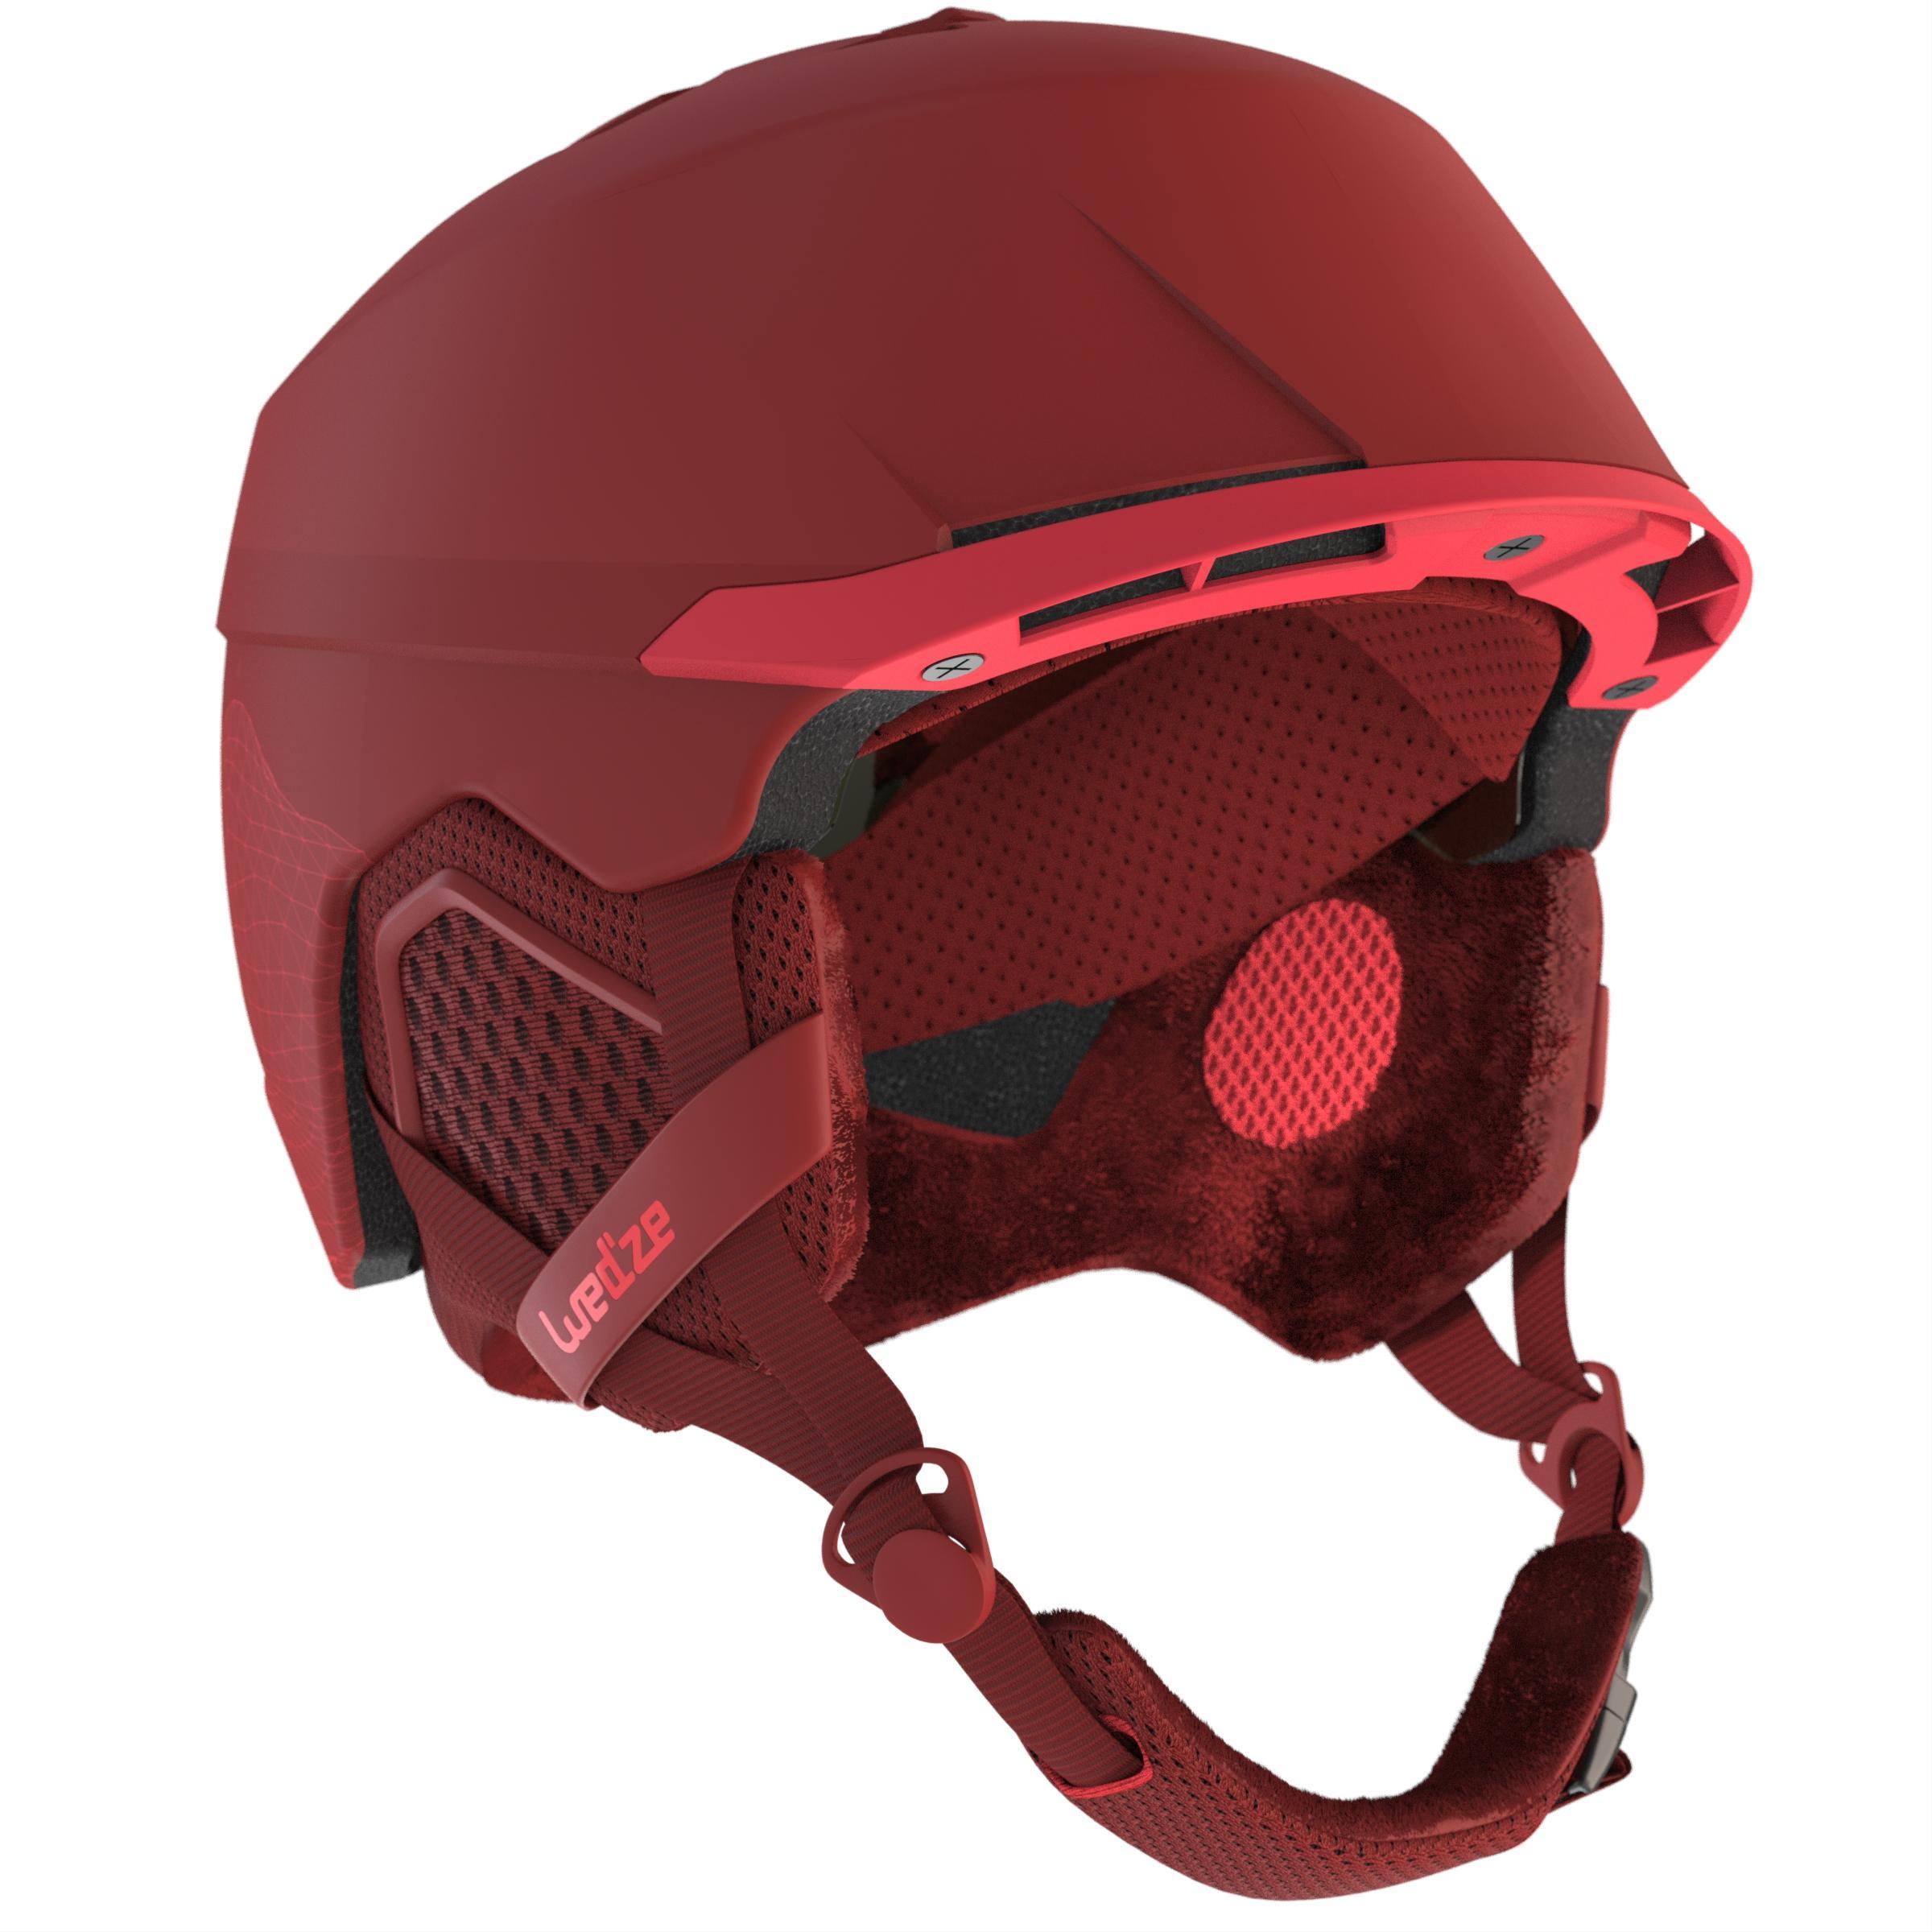 Skihelm Freeride Carv 700 MIPS Erwachsense rot